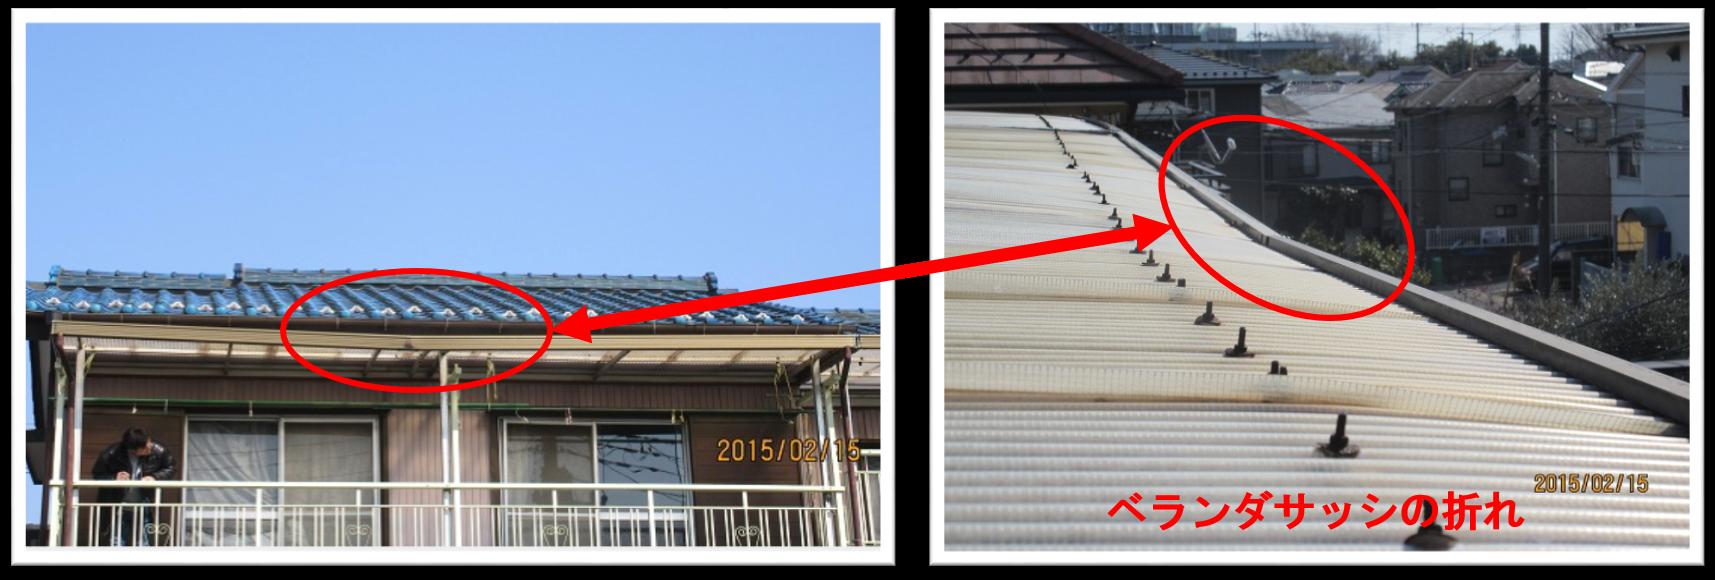 火災保険が適用される雪の重みによるベランダ屋根の折れ